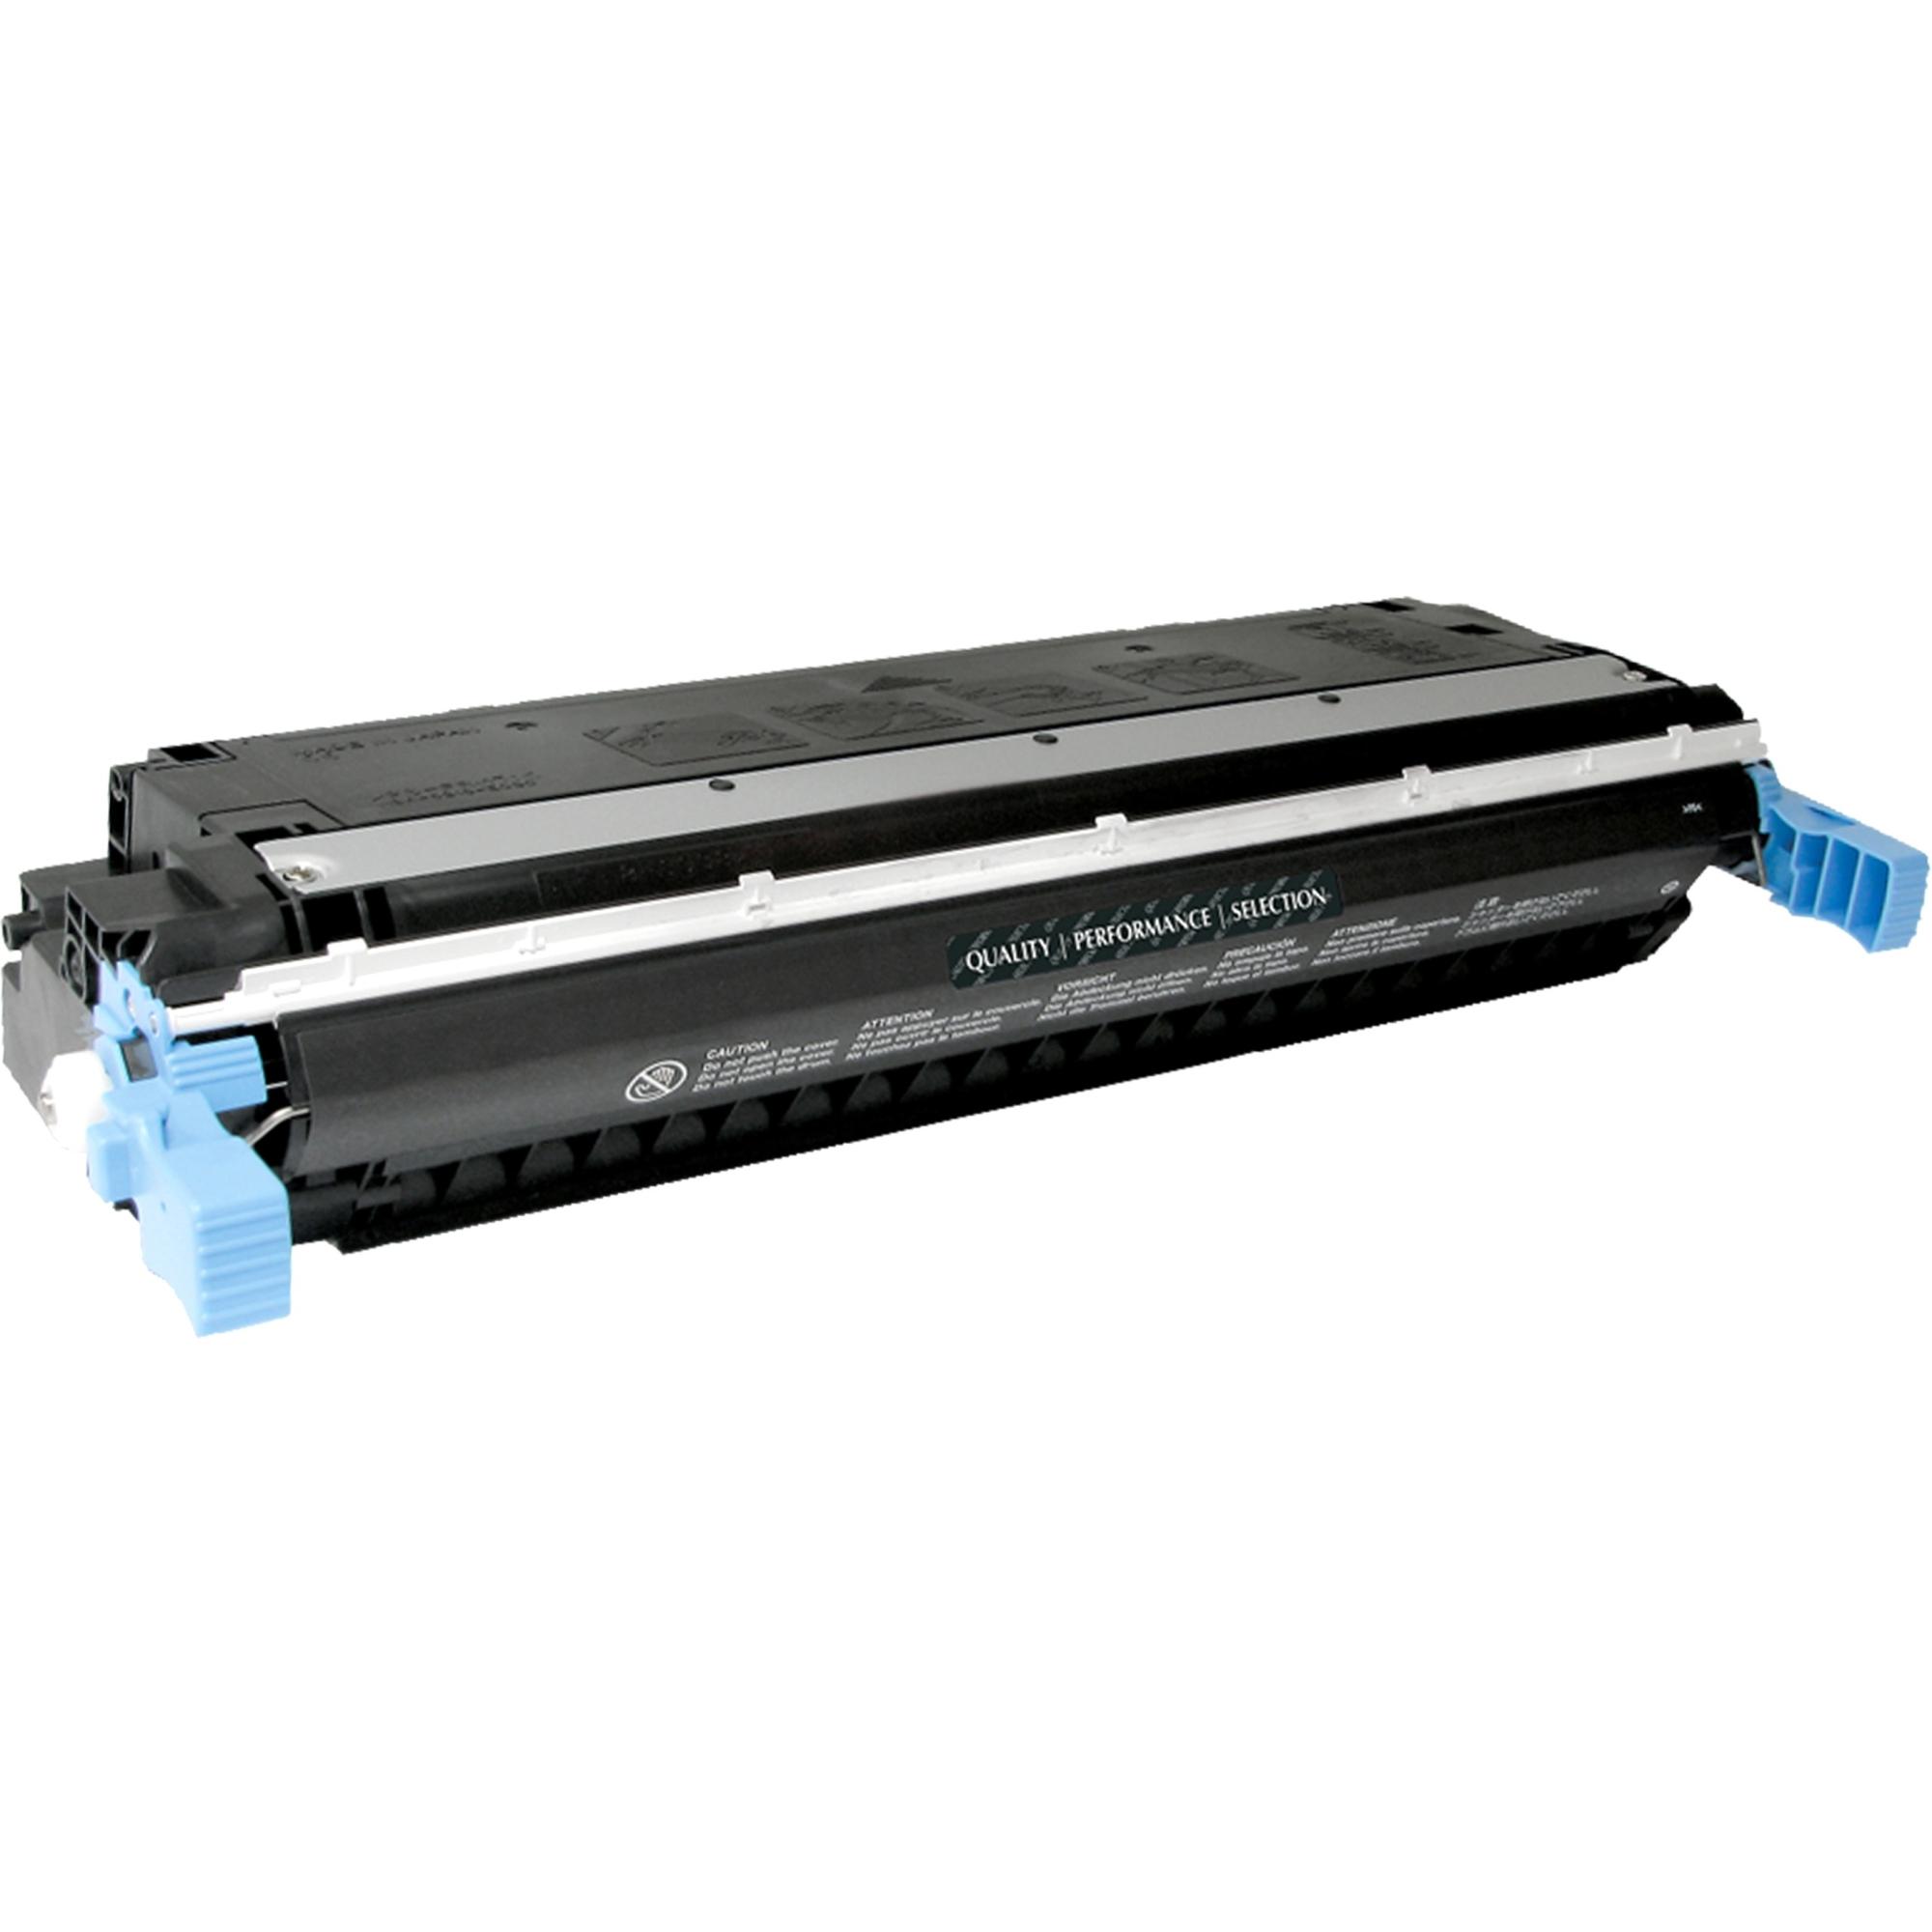 Black Toner Cartridge for HP Color LaserJet 5500 5500DN 5500DTN 5500HDN 5500N 5550N 5550DTN C9730A 13K YLD - Laser - 13000 Page